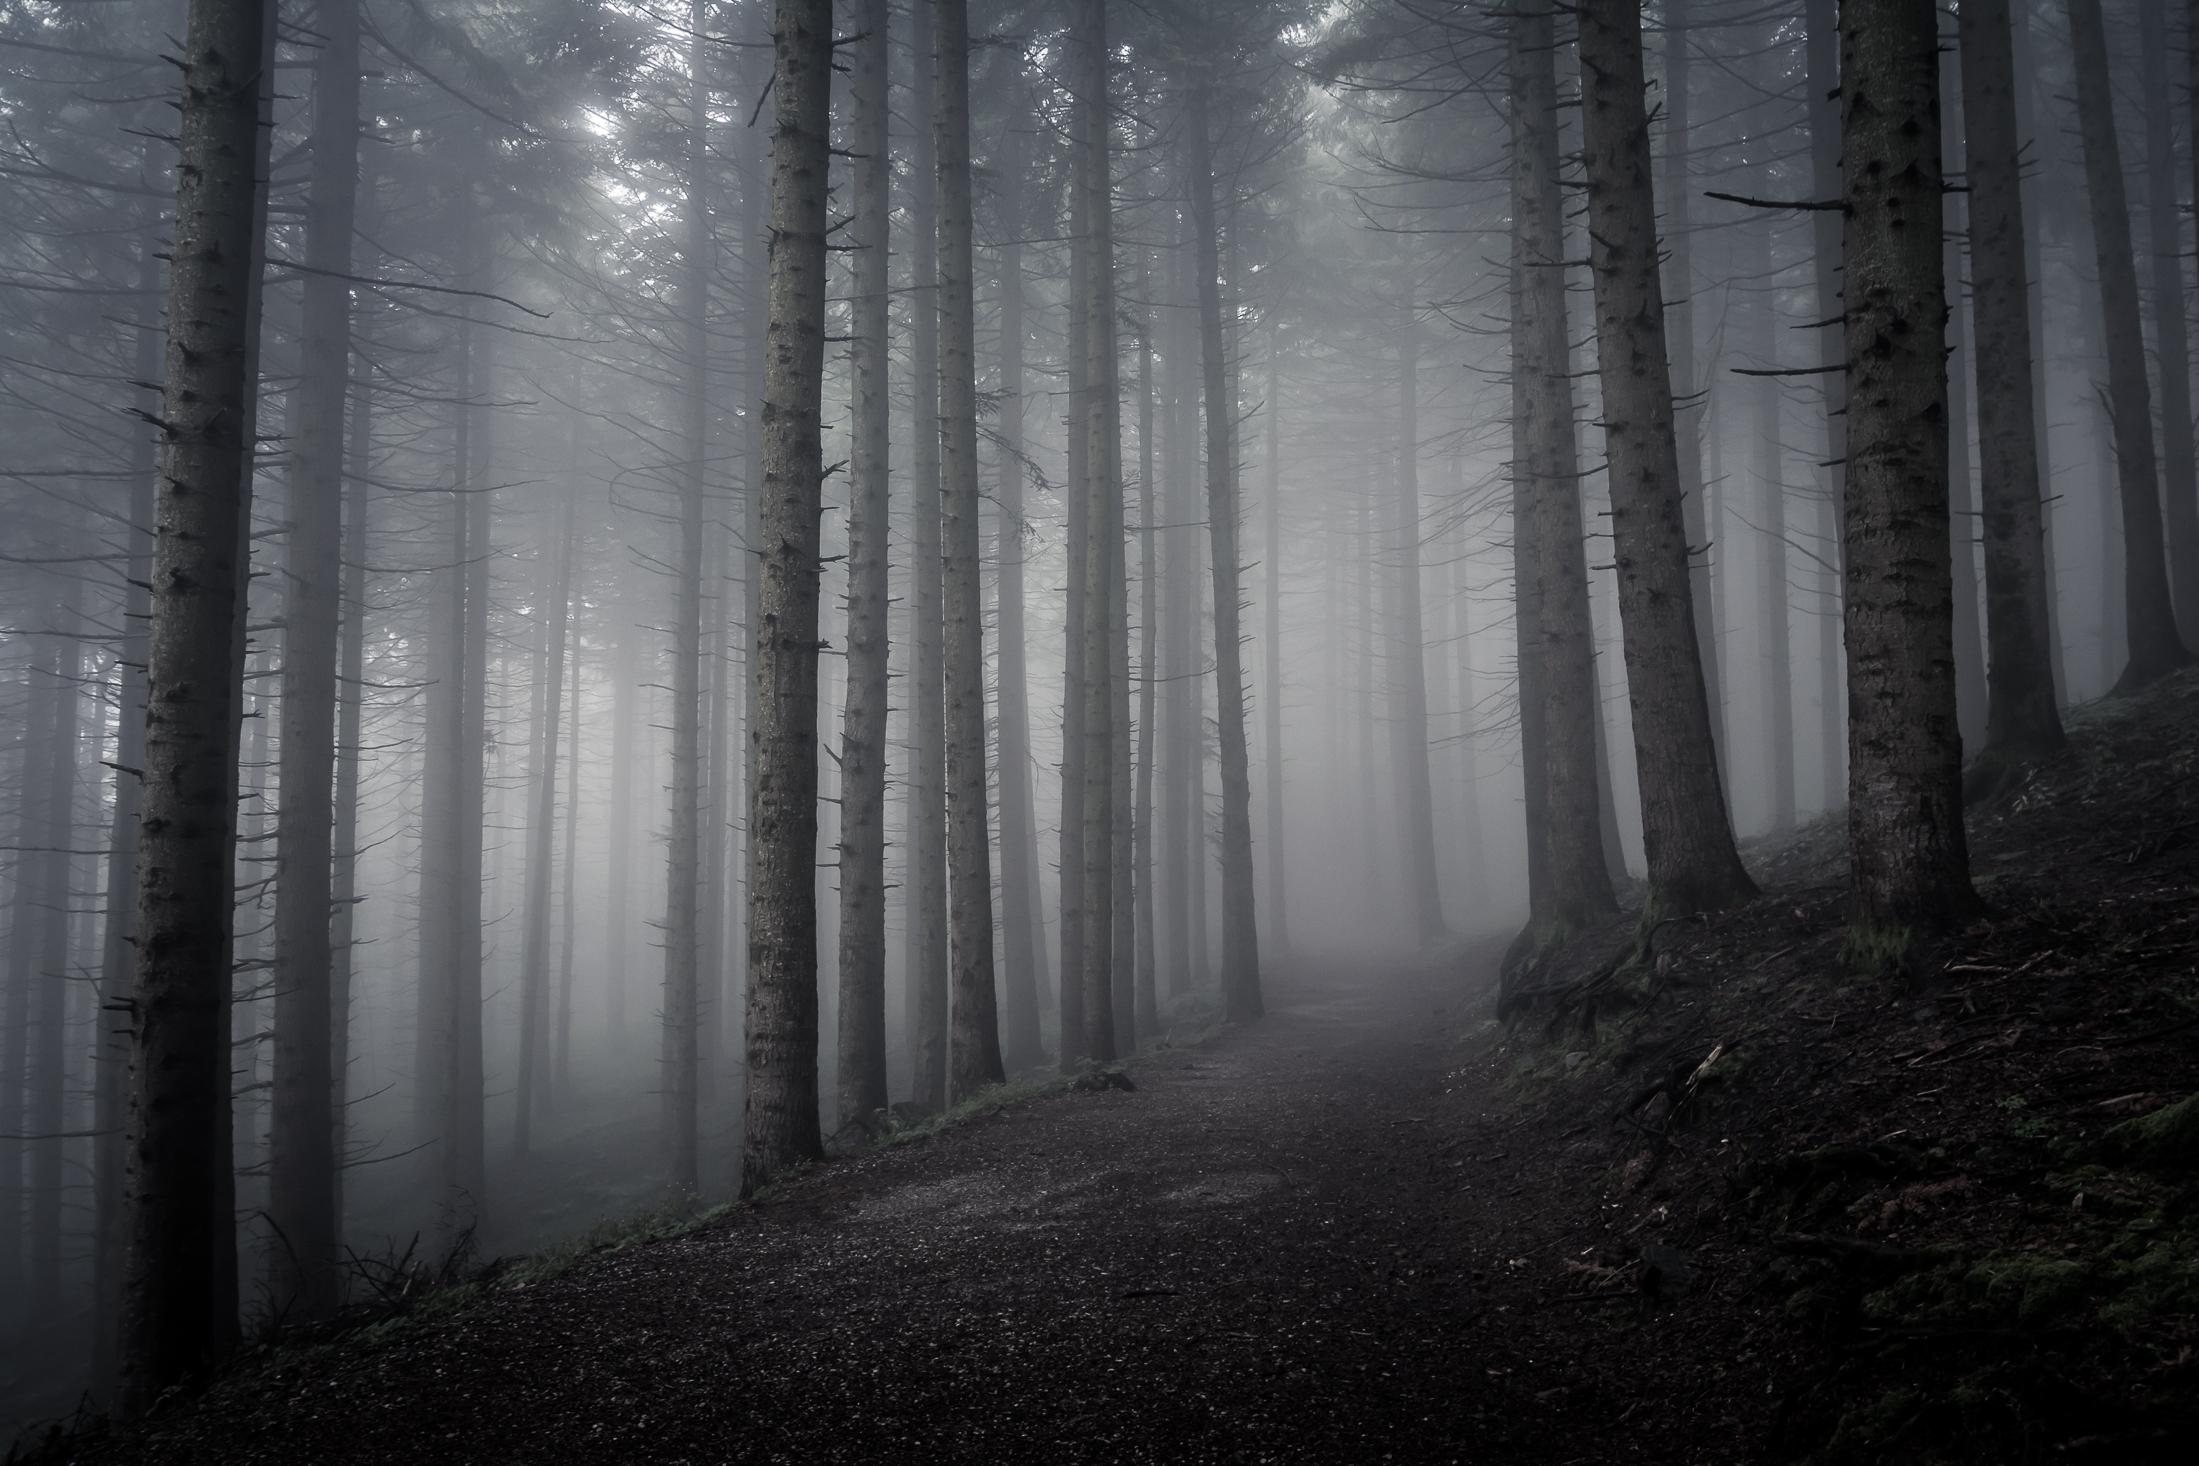 C'è una strada nel bosco...